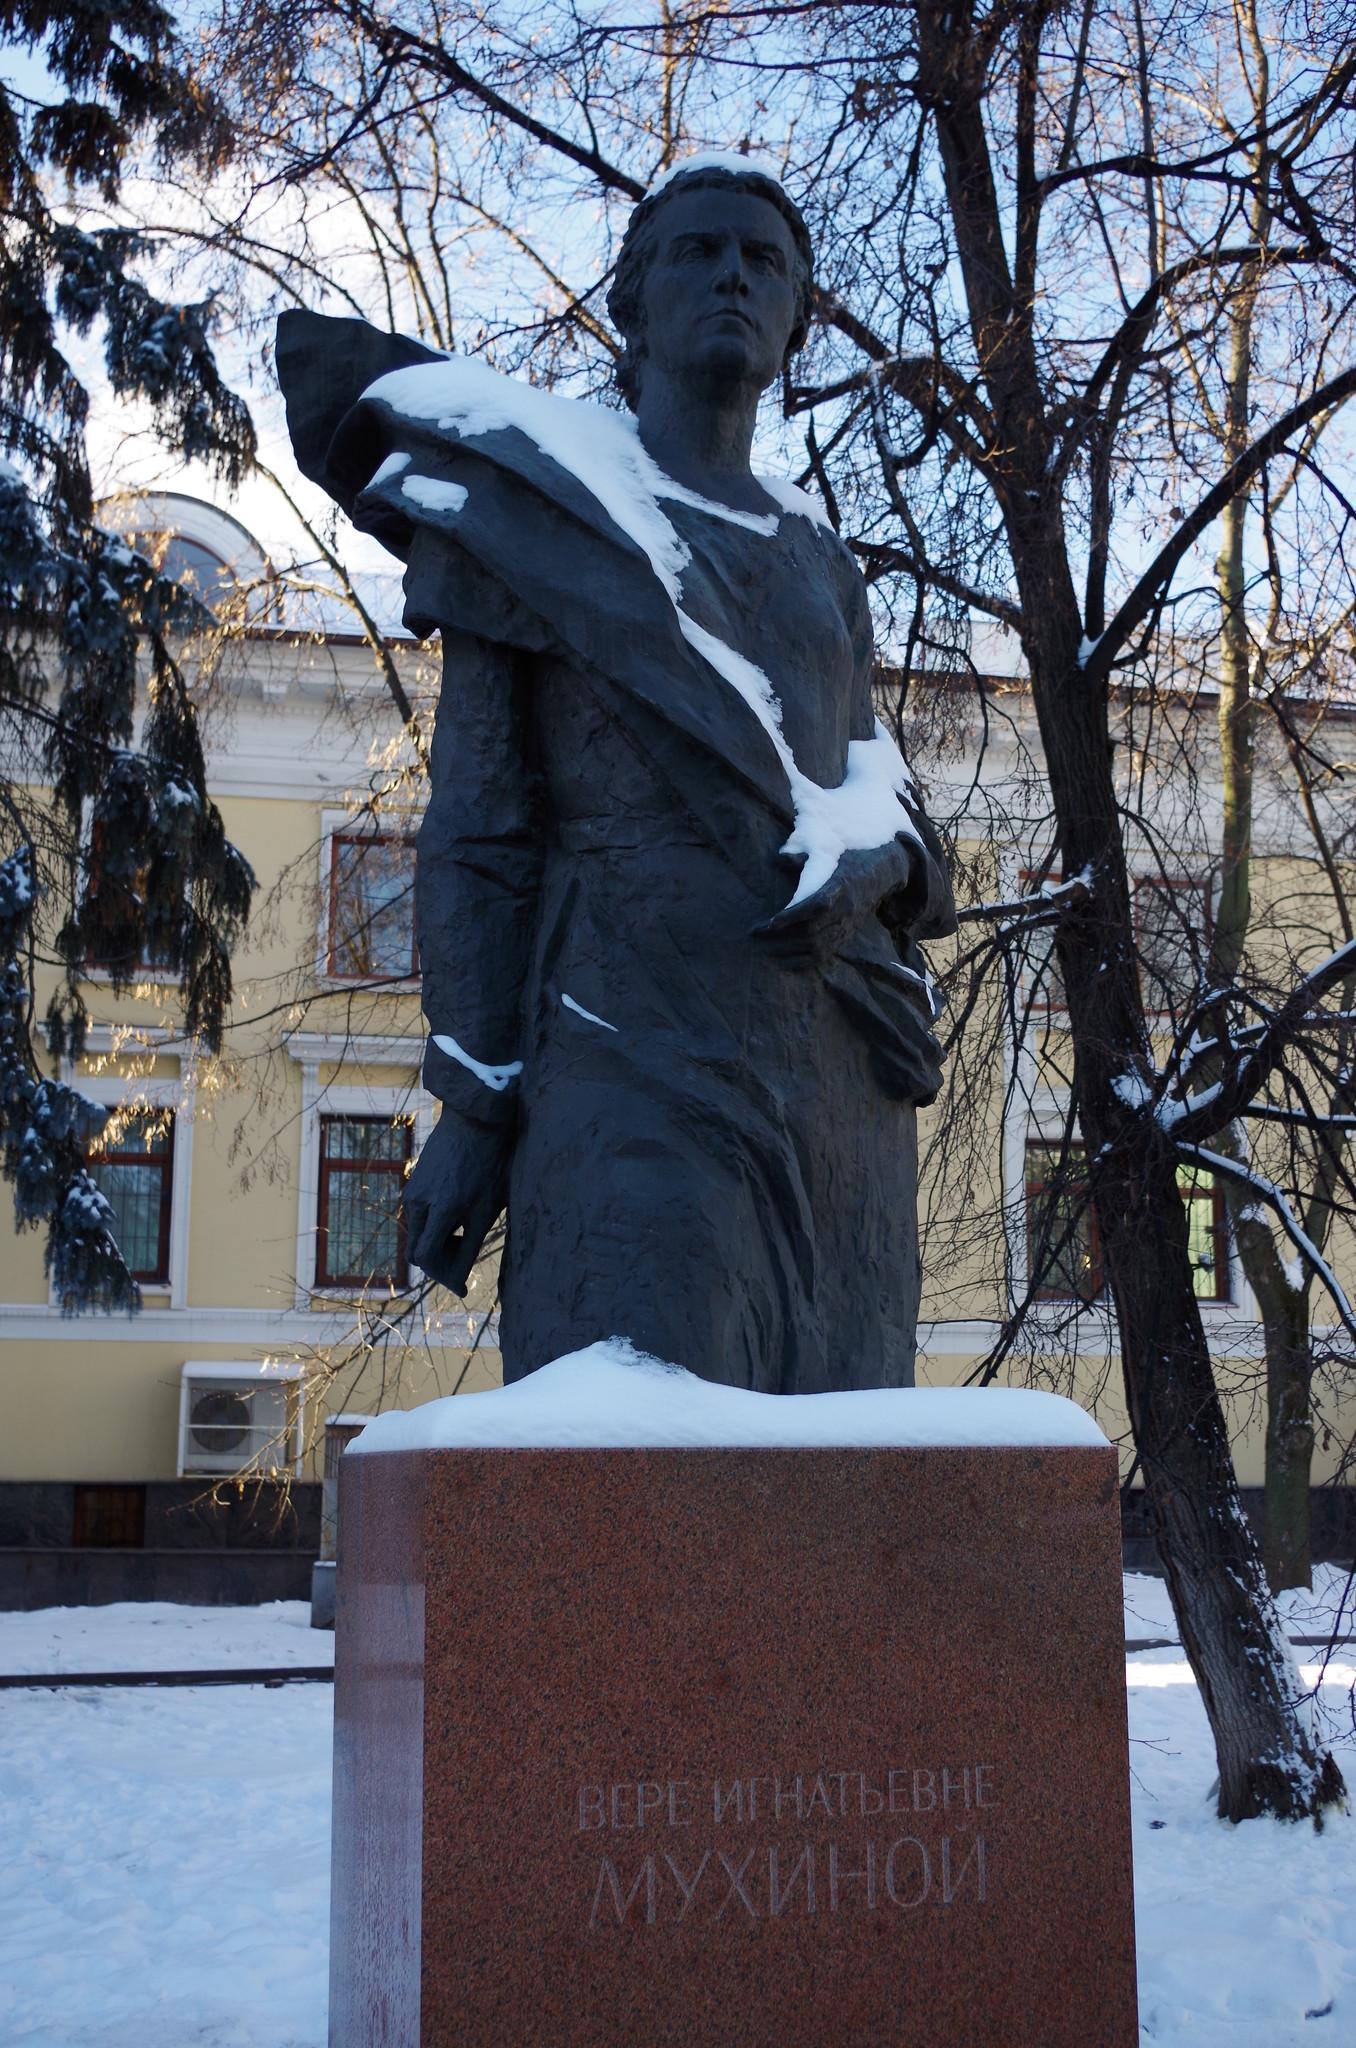 Памятник В.И. Мухиной в Пречистенском переулке, скульптор М.К. Аникушин, архитектор С.П. Хаджибаронов